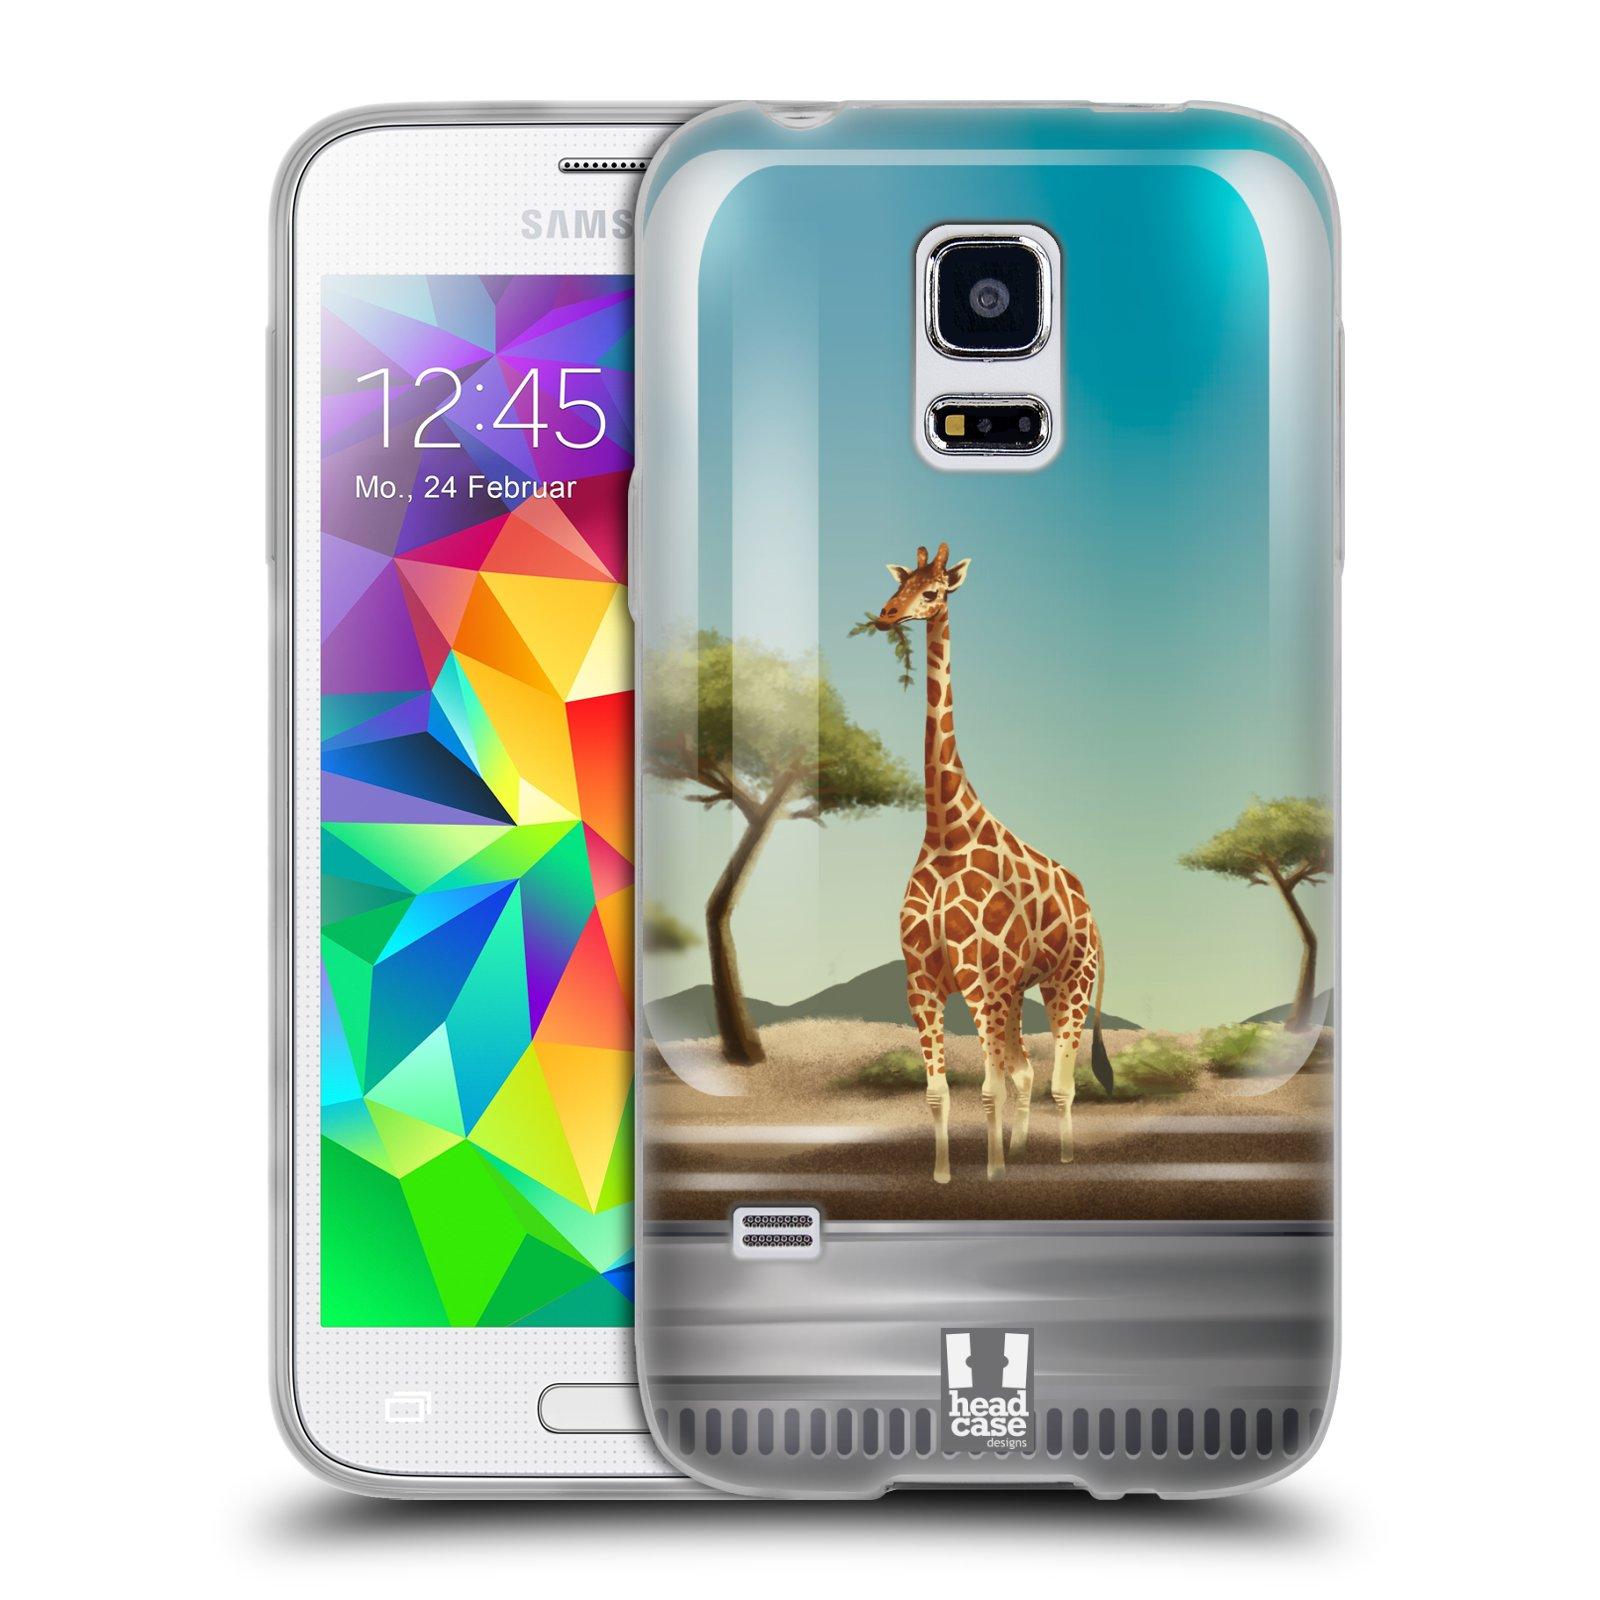 HEAD CASE silikonový obal na mobil Samsung Galaxy S5 MINI vzor Zvířátka v těžítku žirafa